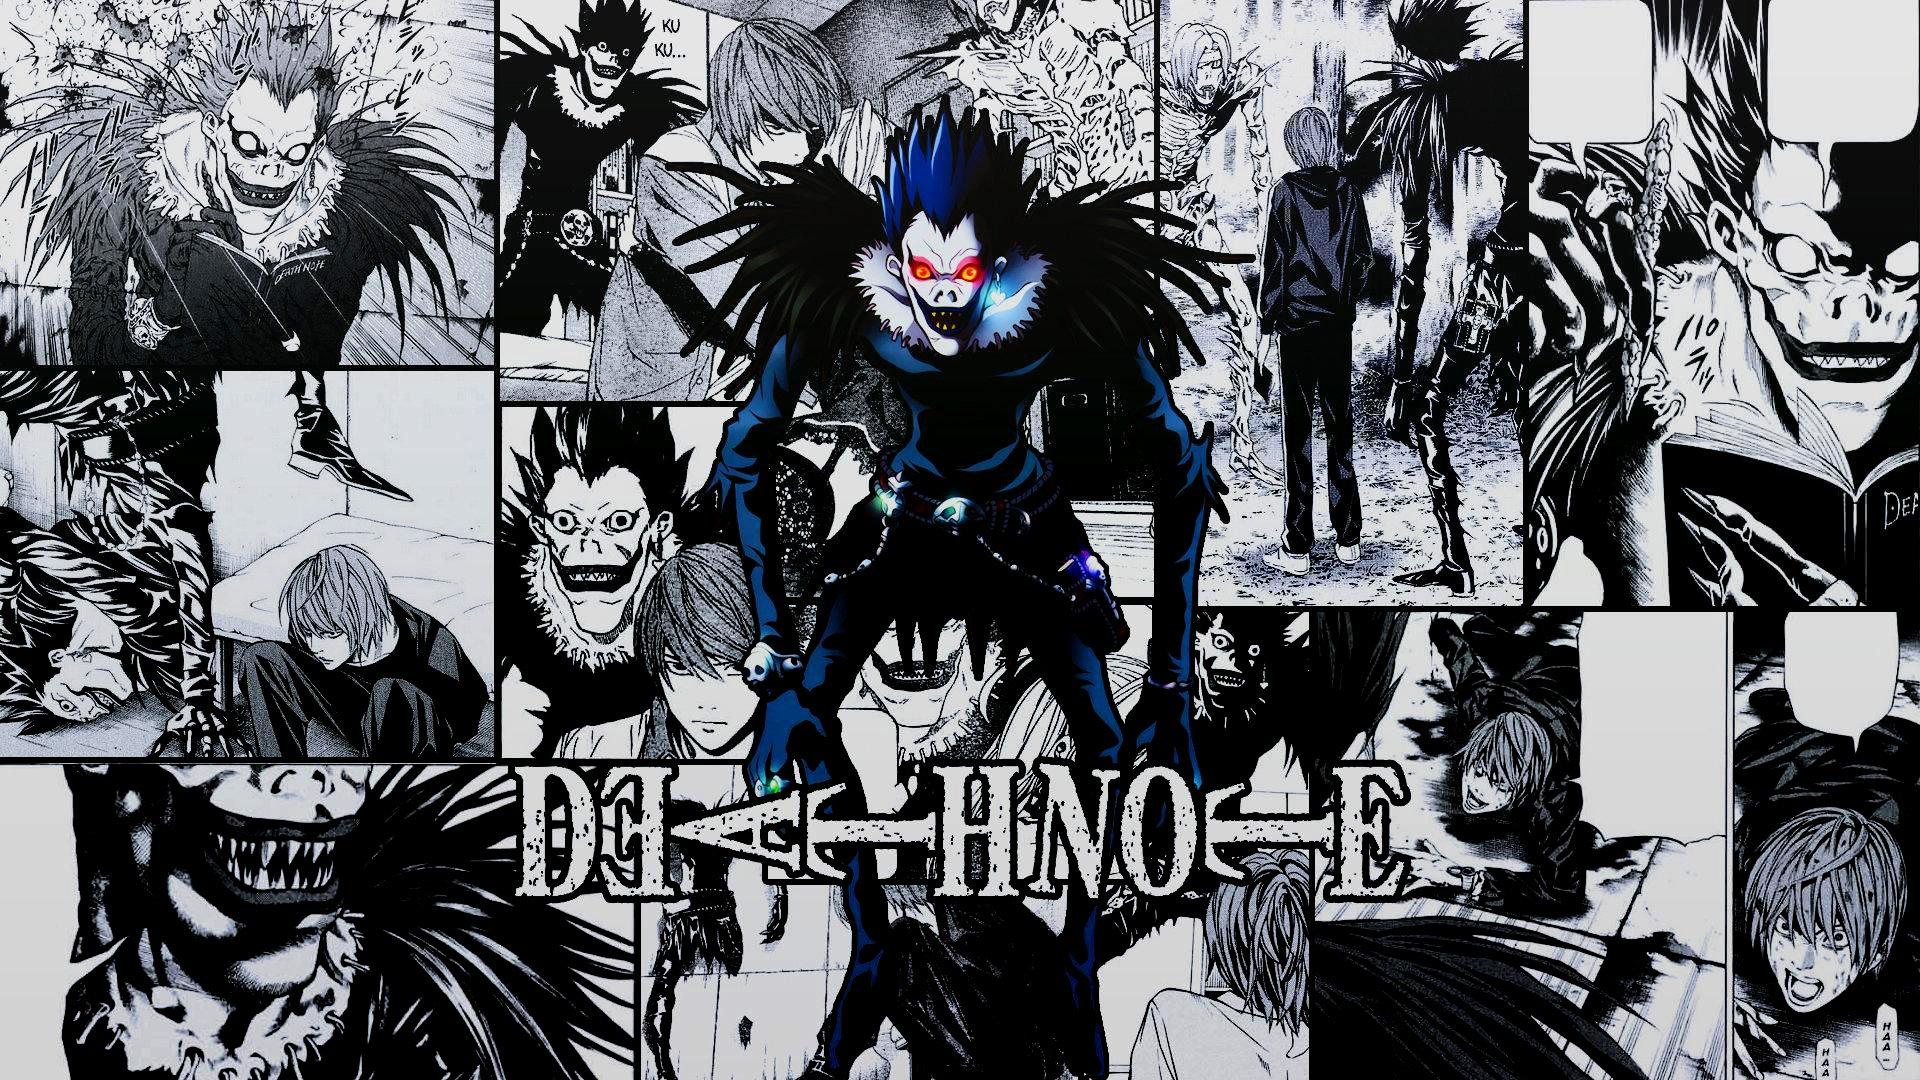 Fondos de pantalla Anime Ryuk de Death Note